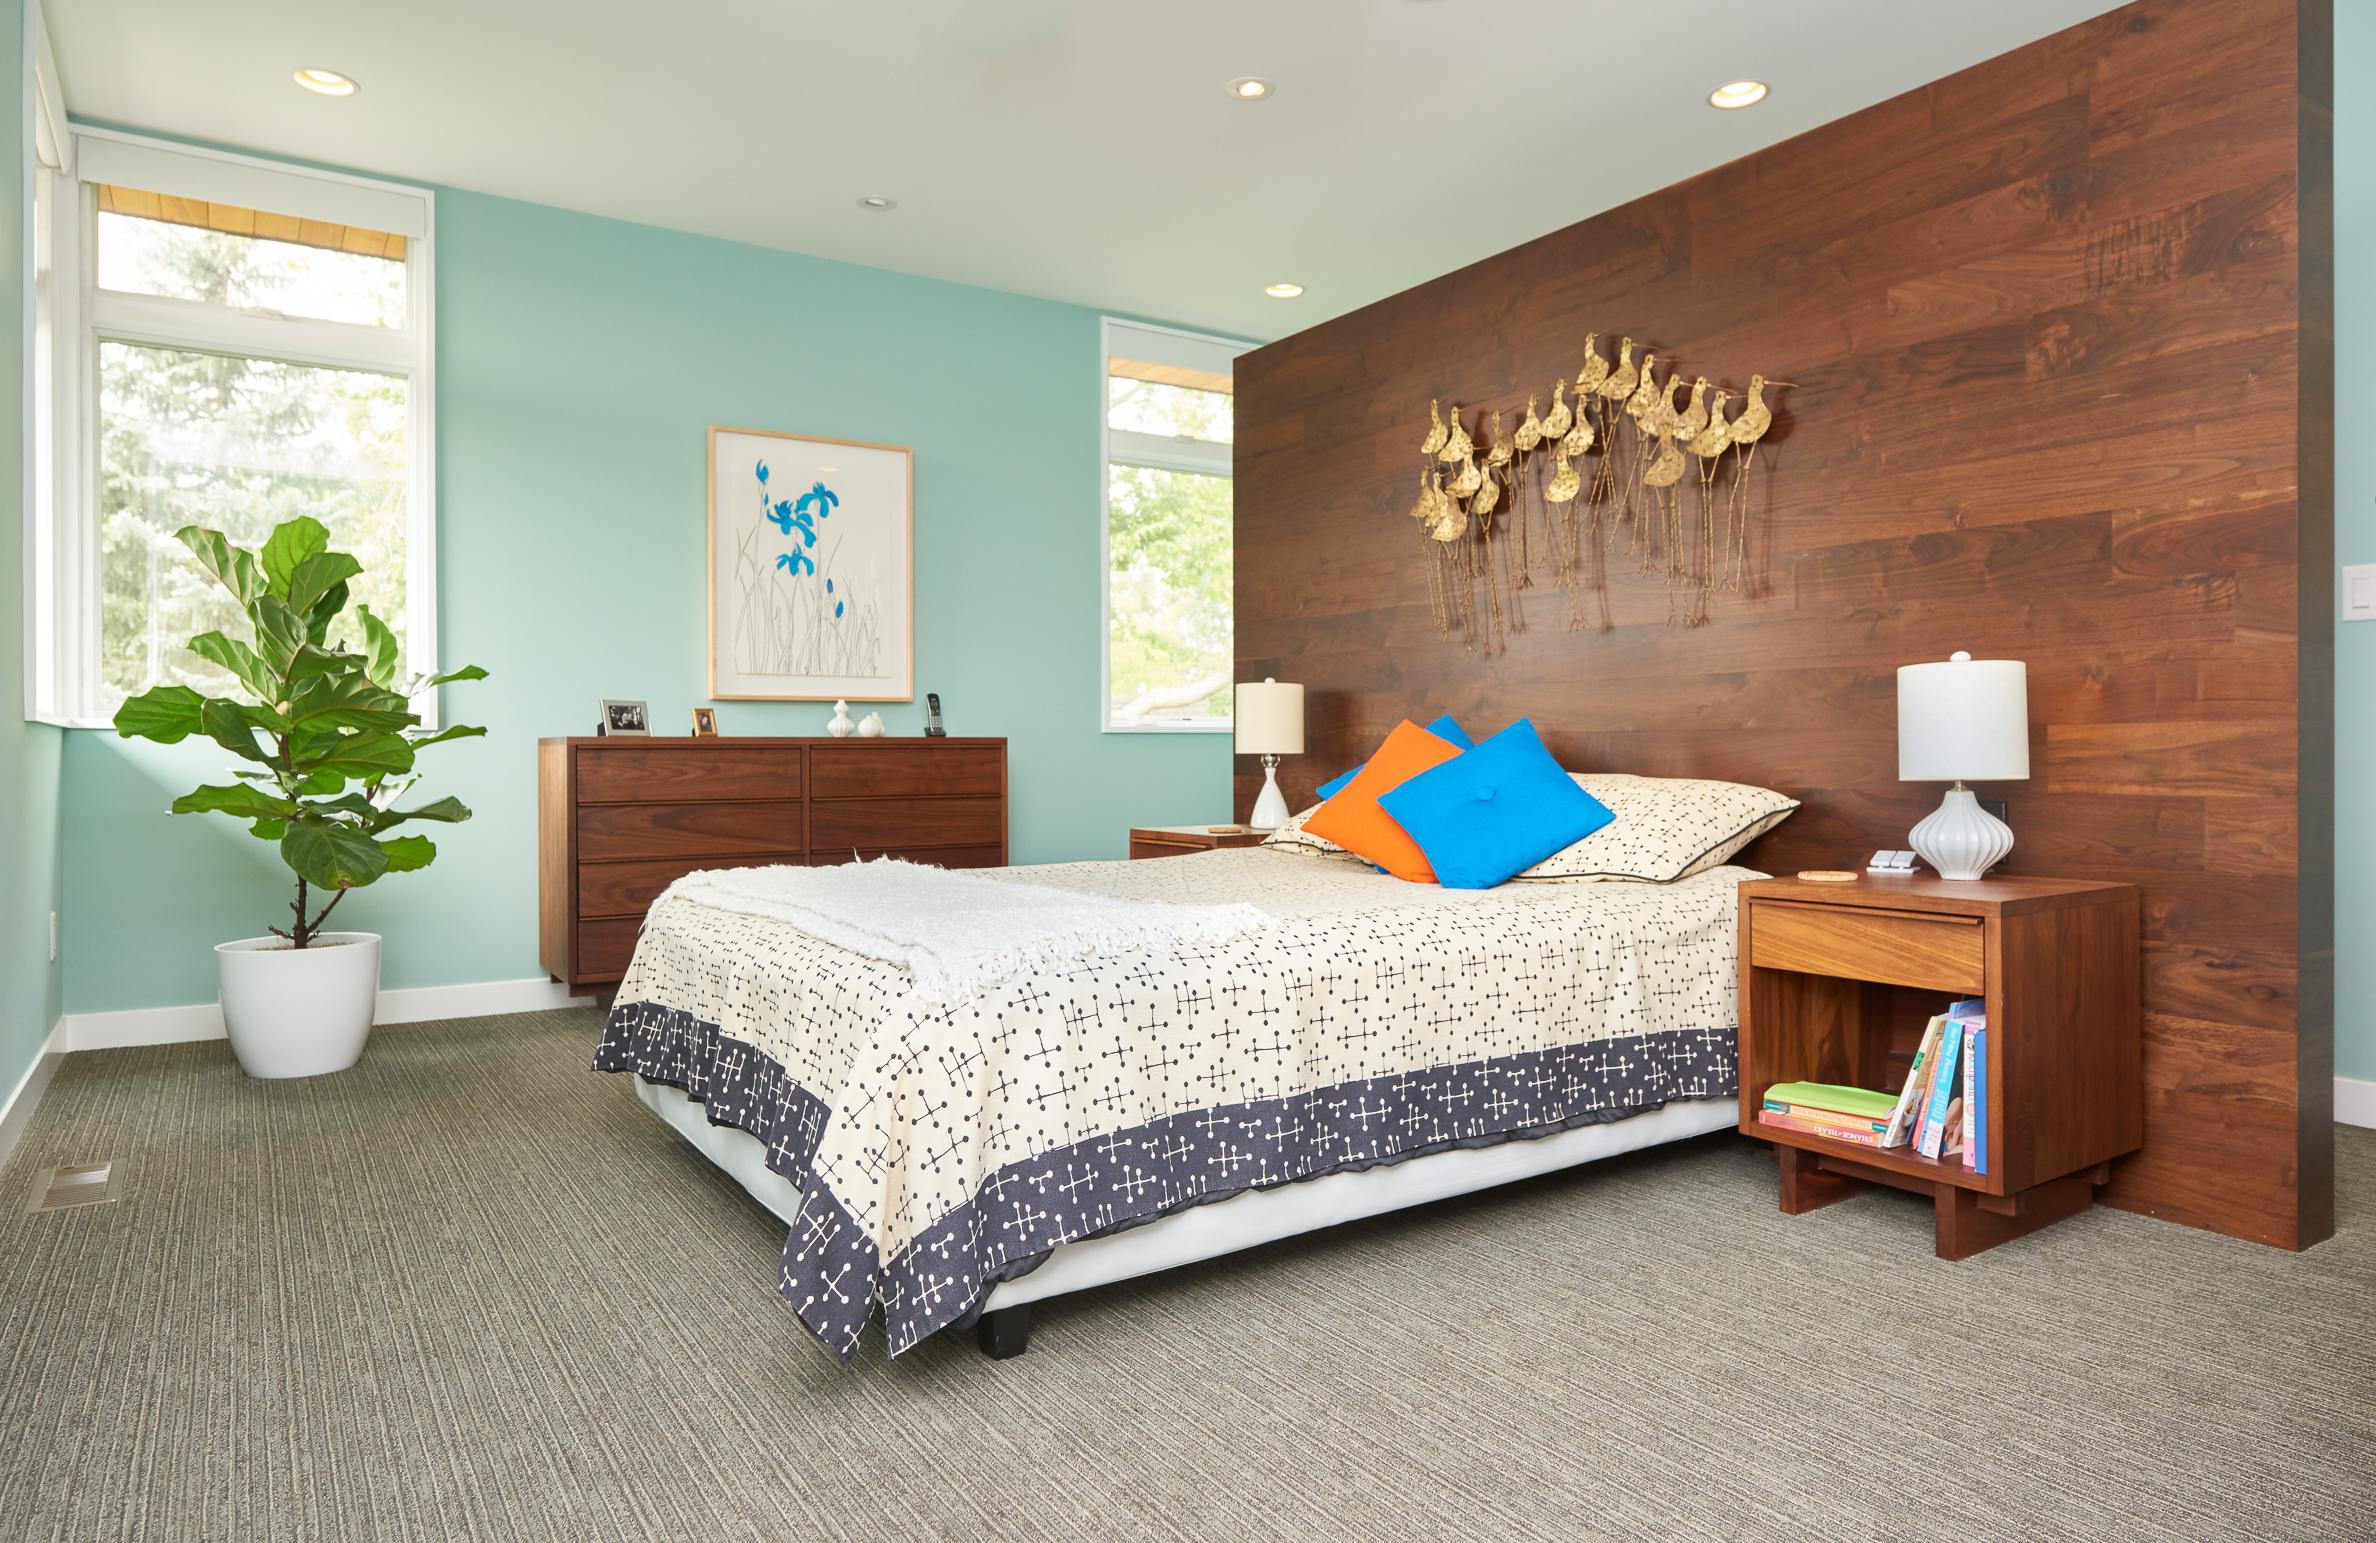 Midcentury master bedroom with custom headboard wall